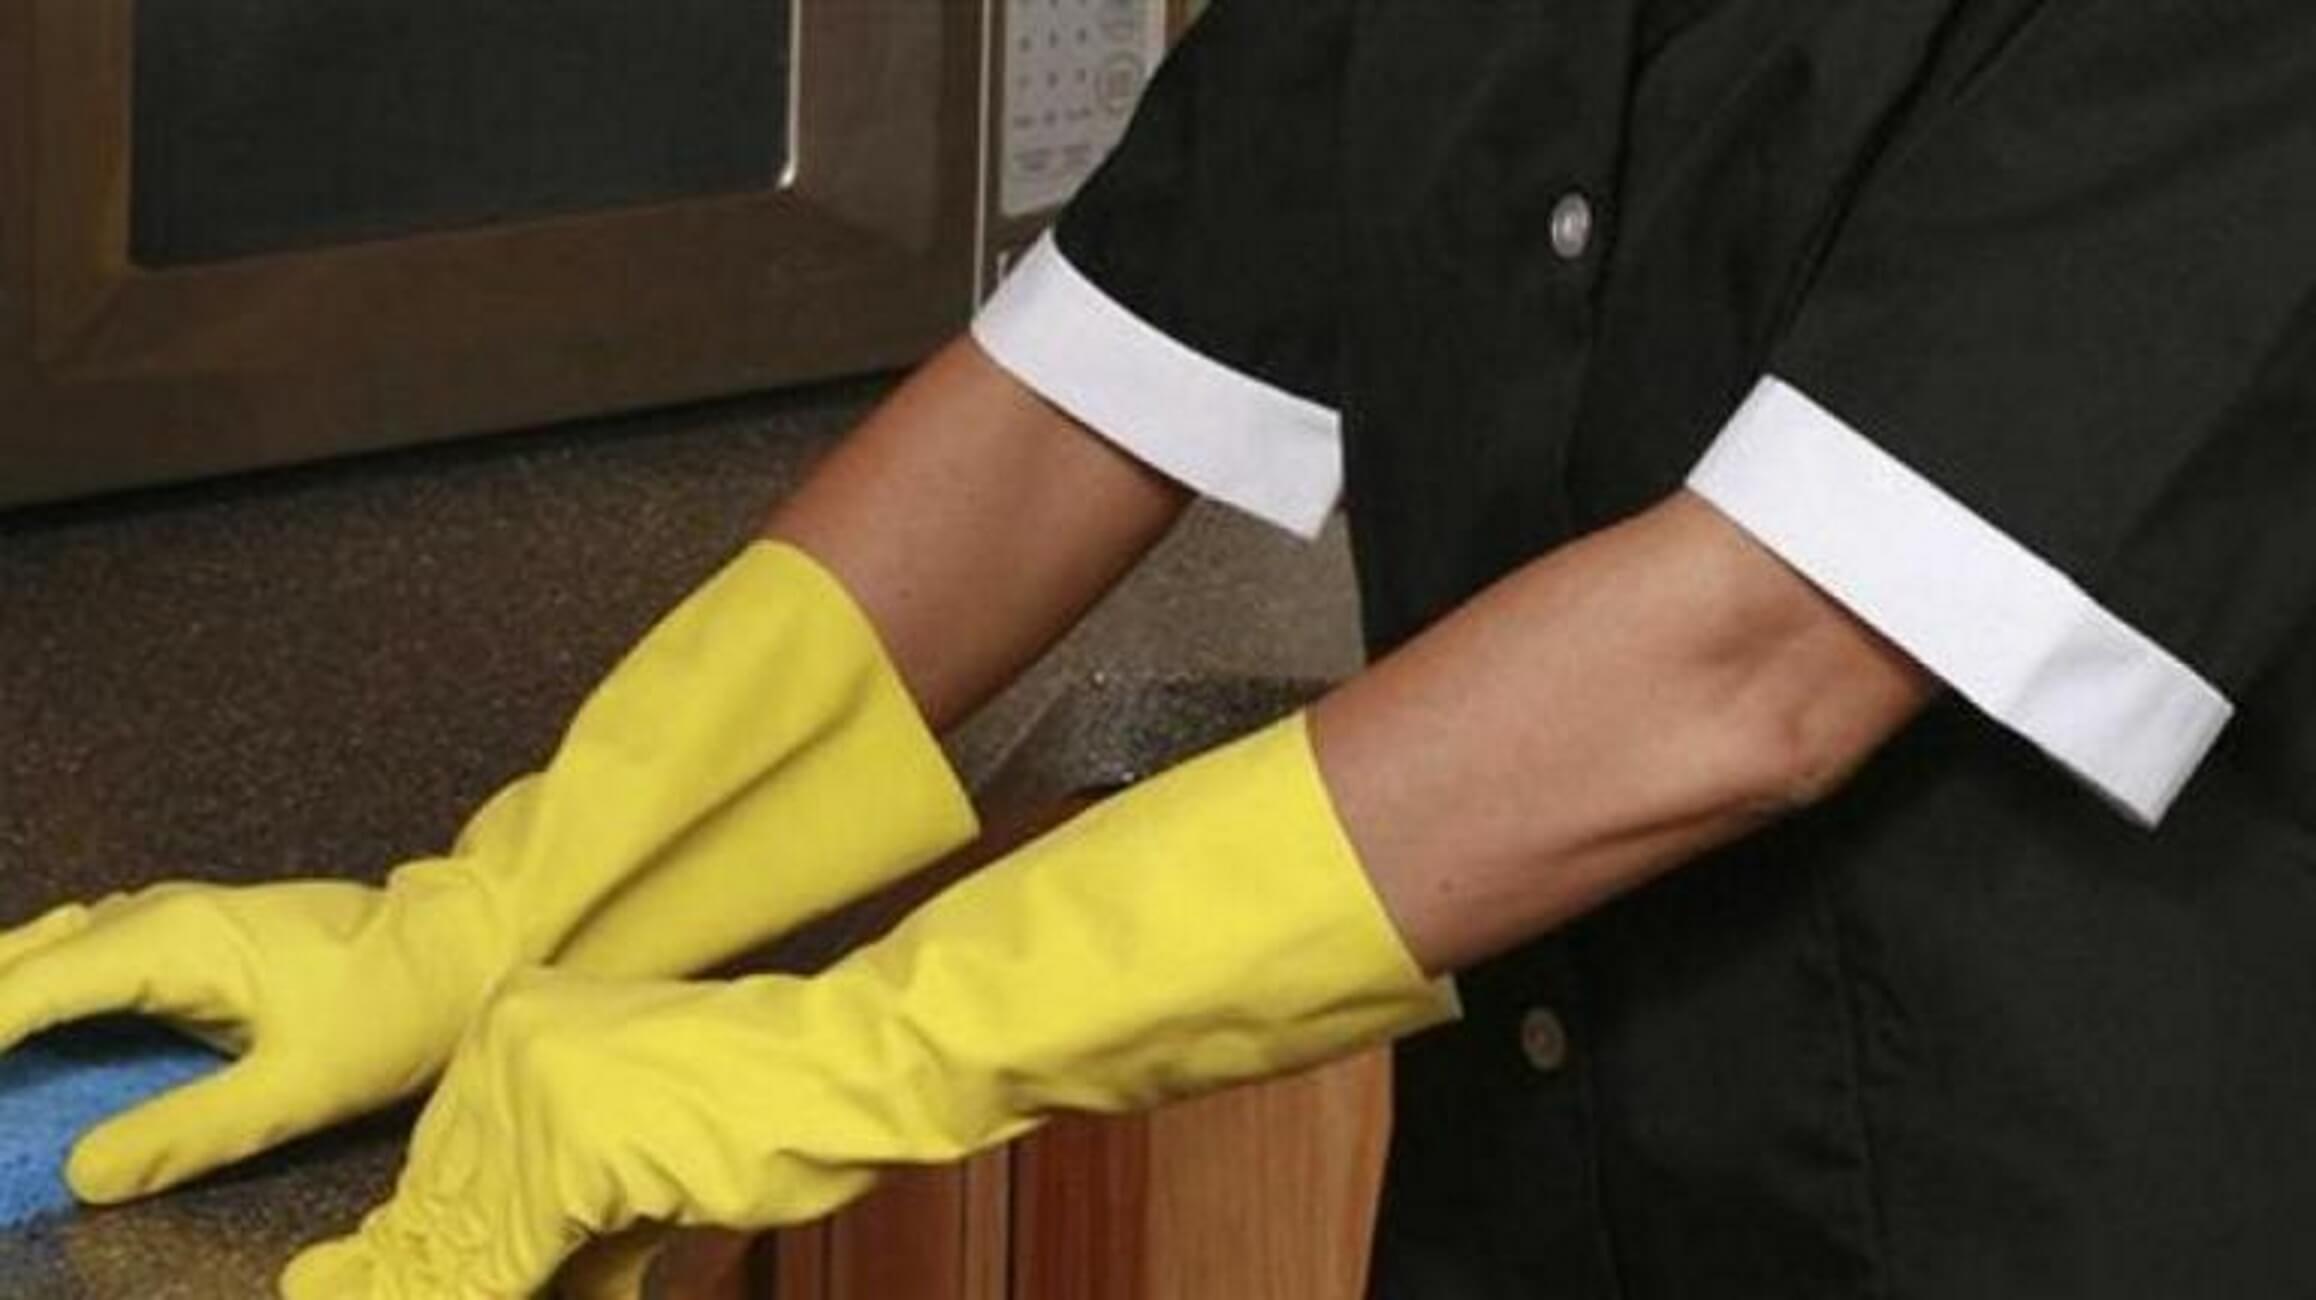 Άρτα: Σκέτη μαφία η οικιακή βοηθός – Οι αποδείξεις ενοχής ήρθαν με καθυστέρηση δύο εβδομάδων!